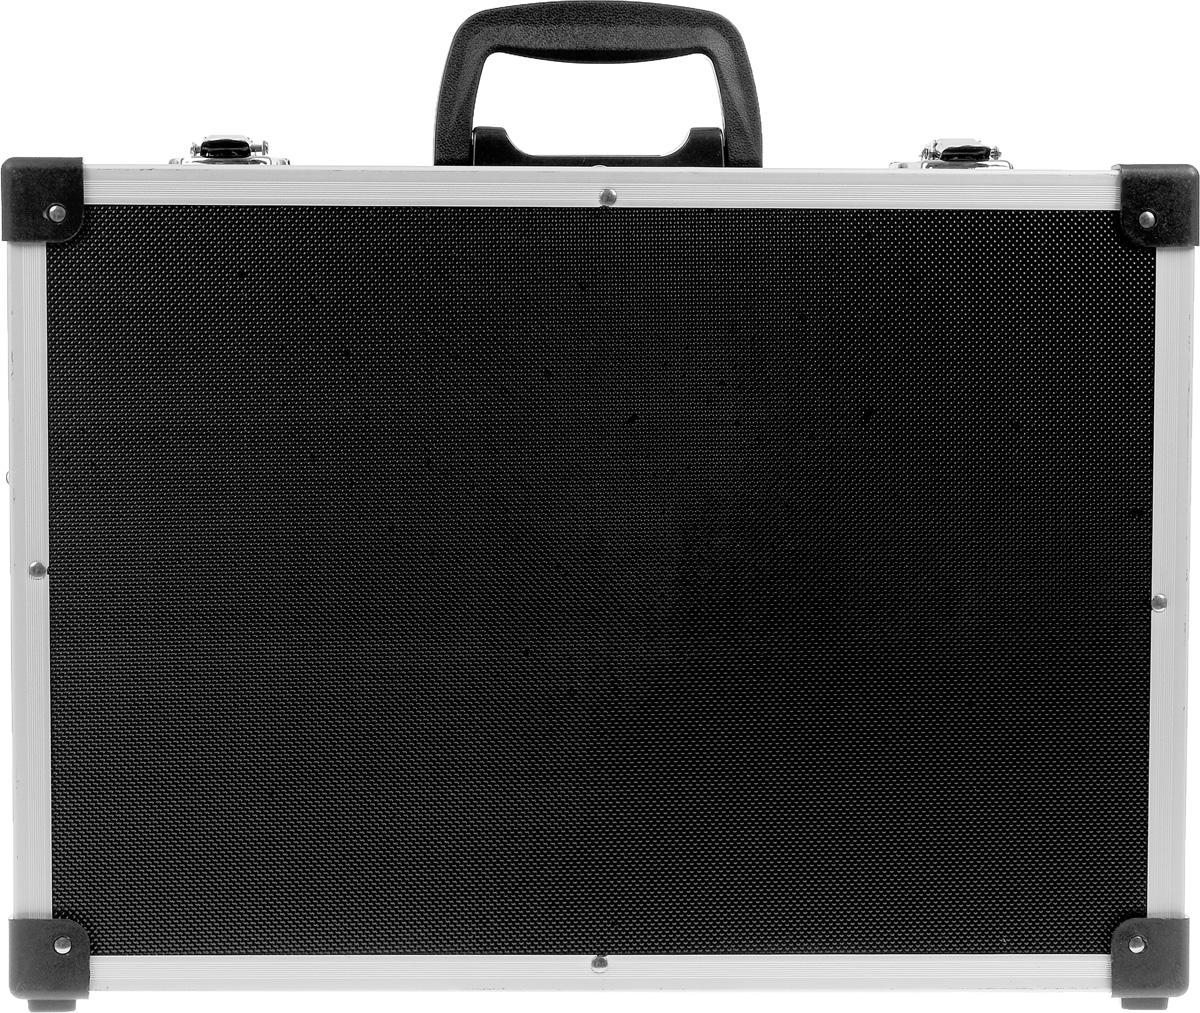 Ящик для инструментов алюминиевый FIT, цвет: черный, 43 х 31 х 13 см98293777Ящик-чемодан FIT предназначен для хранения и удобной транспортировки инструментов. Изготовлен из алюминия, а внутренняя отделка выполнена из мягкого пористого материала, что обеспечивает более бережное хранение инструмента. Переставные перегородки позволяют максимально эффективно использовать внутреннее пространство. Чемодан надежно закрывается с помощью металлических защелок. Удобная рукоятка обеспечивает комфортную переноску. Инструментальный ящик применяется как в профессиональной сфере, так и в быту: он очень вместительный, помогает упорядочить нужные в работе предметы и всегда держать их под рукой. Характеристики: Материал:алюминий. Размеры ящика: 43 см х 31 см х 13 см. Количество перегородок: 5. Количество отделений на съемной панели: 17. Размер упаковки: 43 см х 31 см х 13 см.